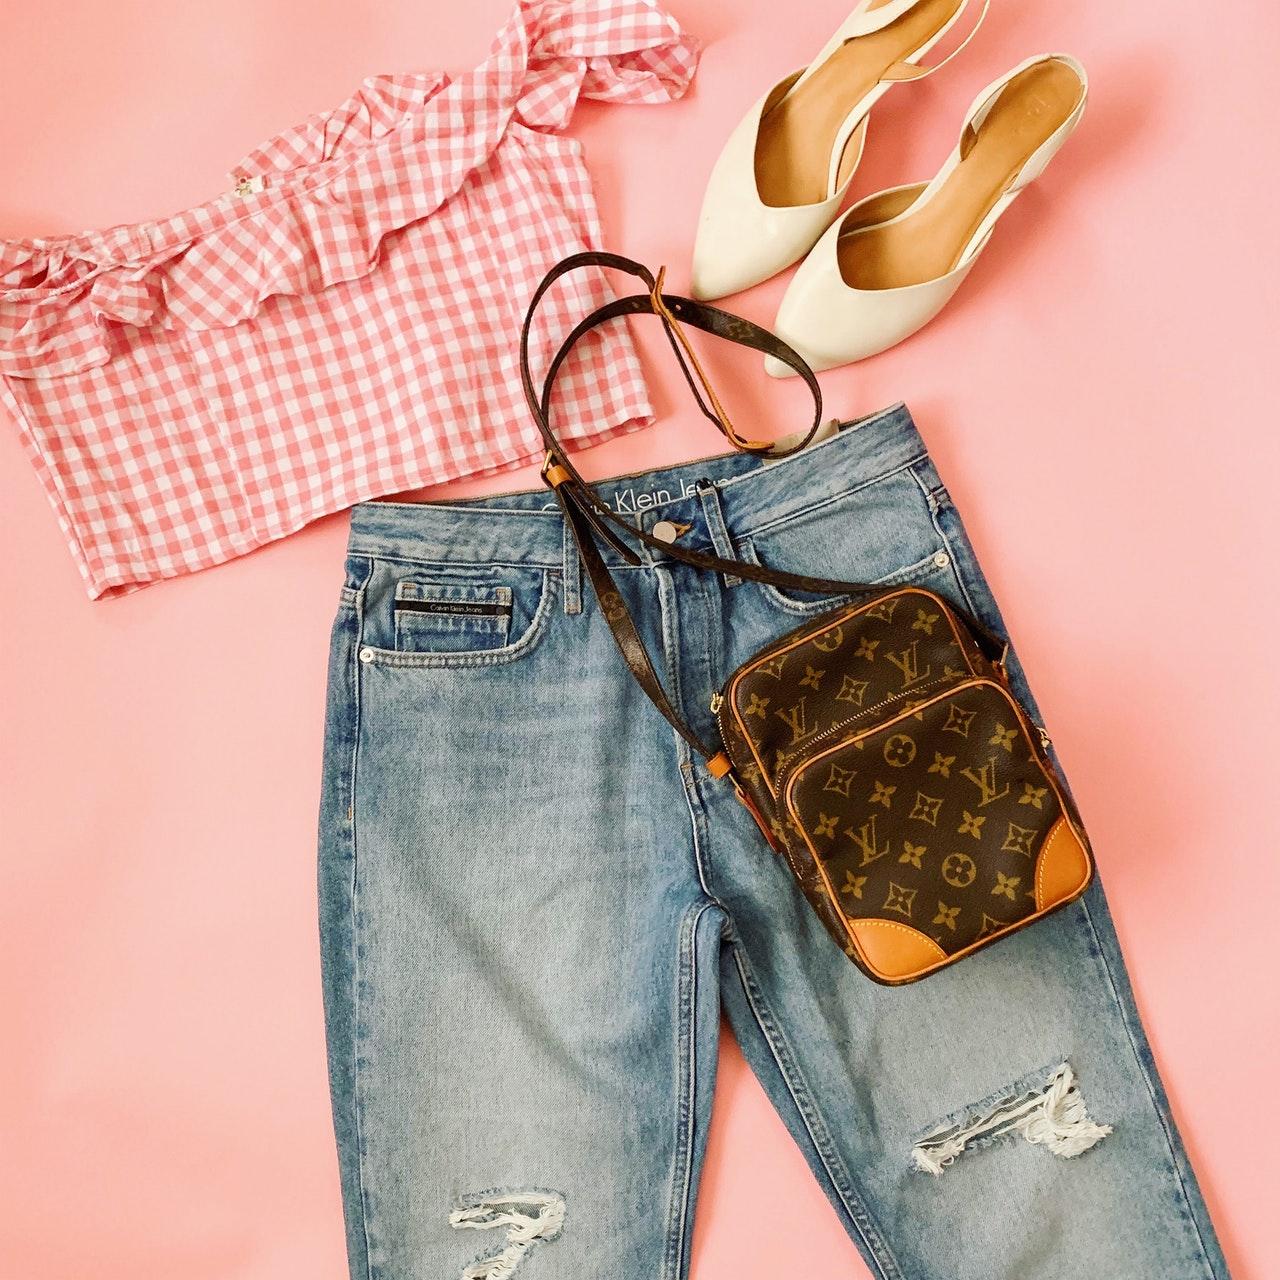 Louis Vuitton bag outfit idea